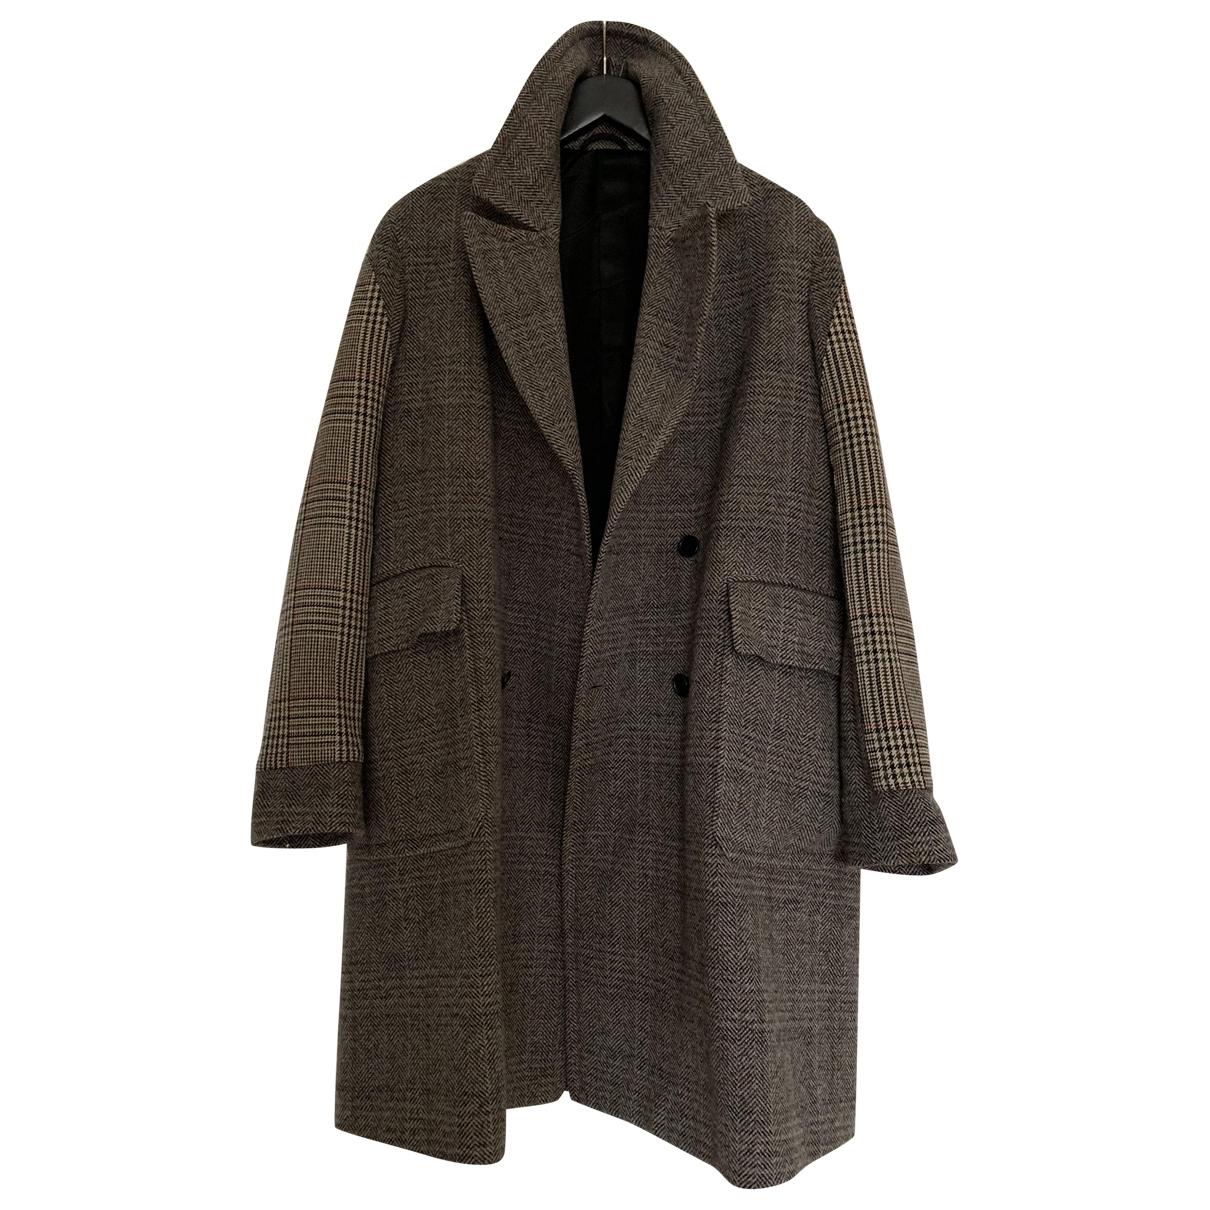 Stella Mccartney - Manteau   pour homme en laine - marron